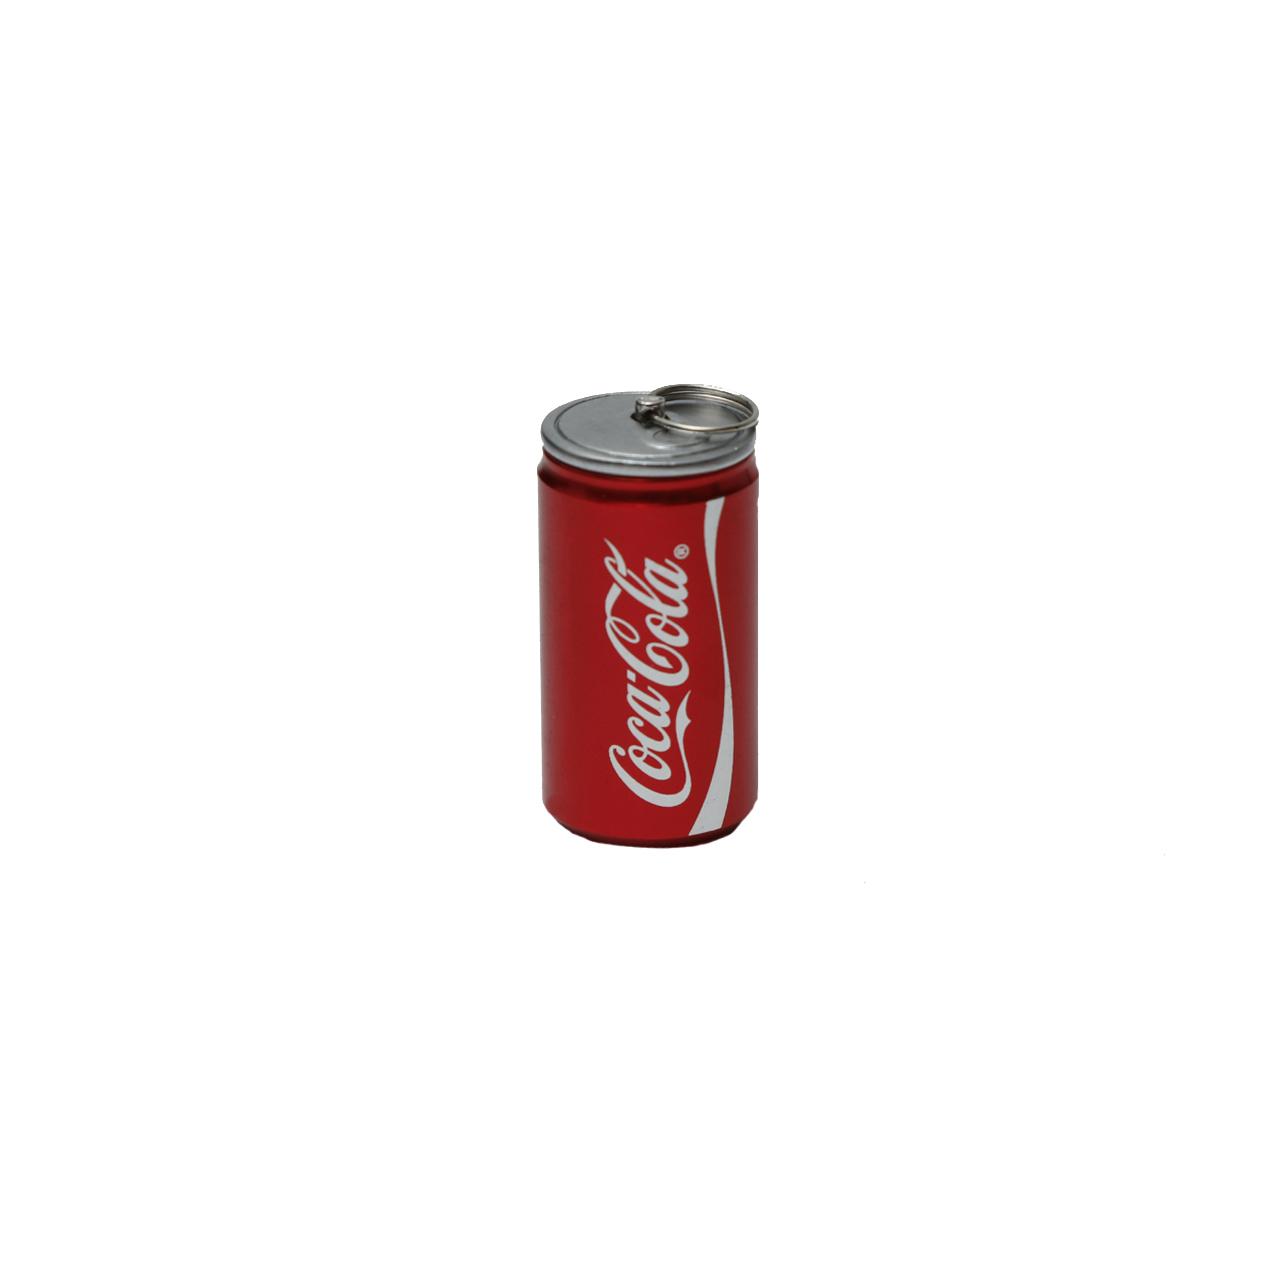 بررسی و خرید [با تخفیف]                                     فلش مموری طرح کوکاکولا قوطی مدل DME1009-U3 ظرفیت 128 گیگابایت                             اورجینال